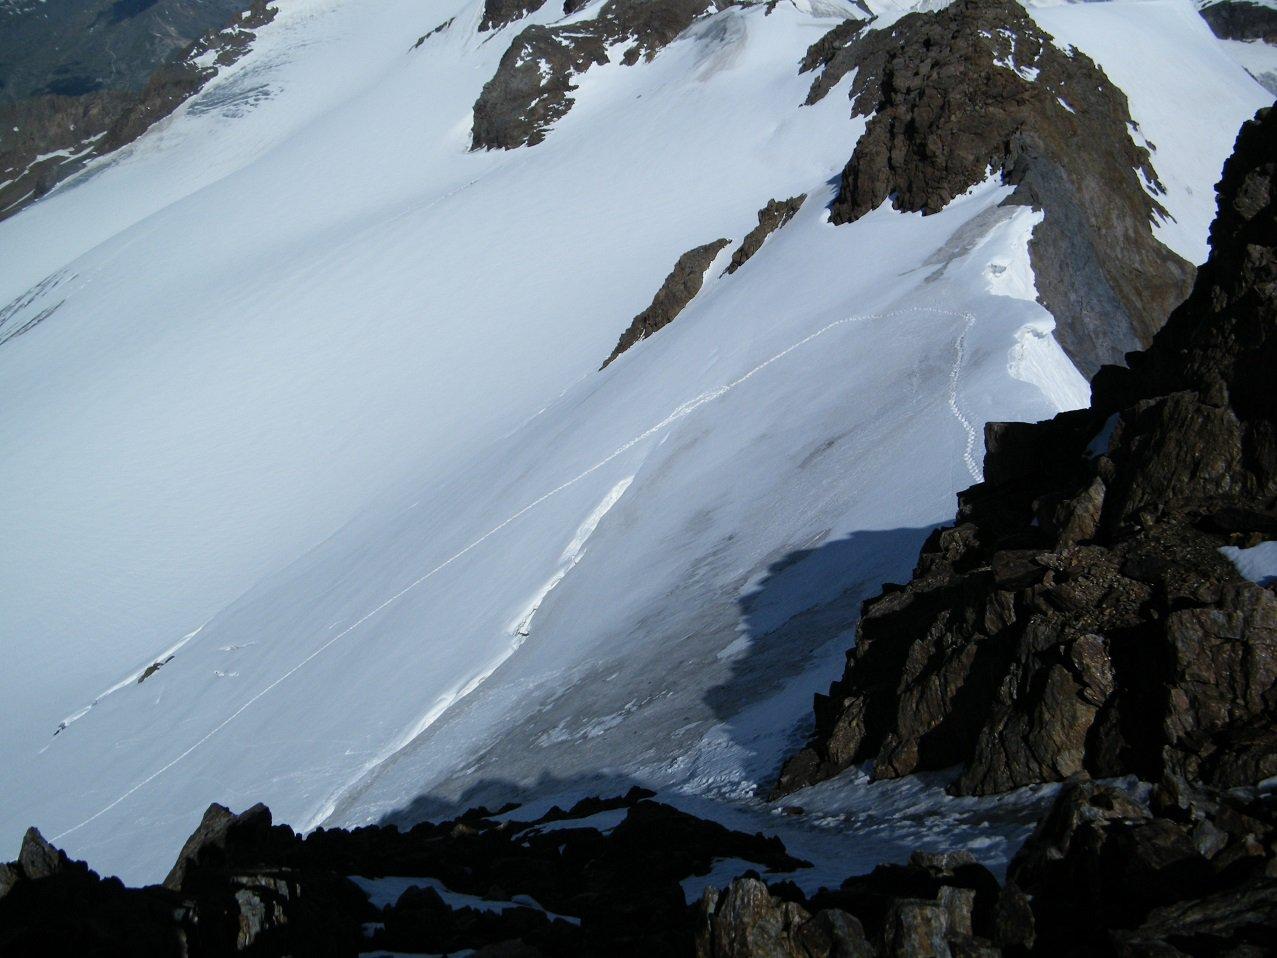 Il canalino in ghiaccio ed il colletto 3550 visti dall'alto.